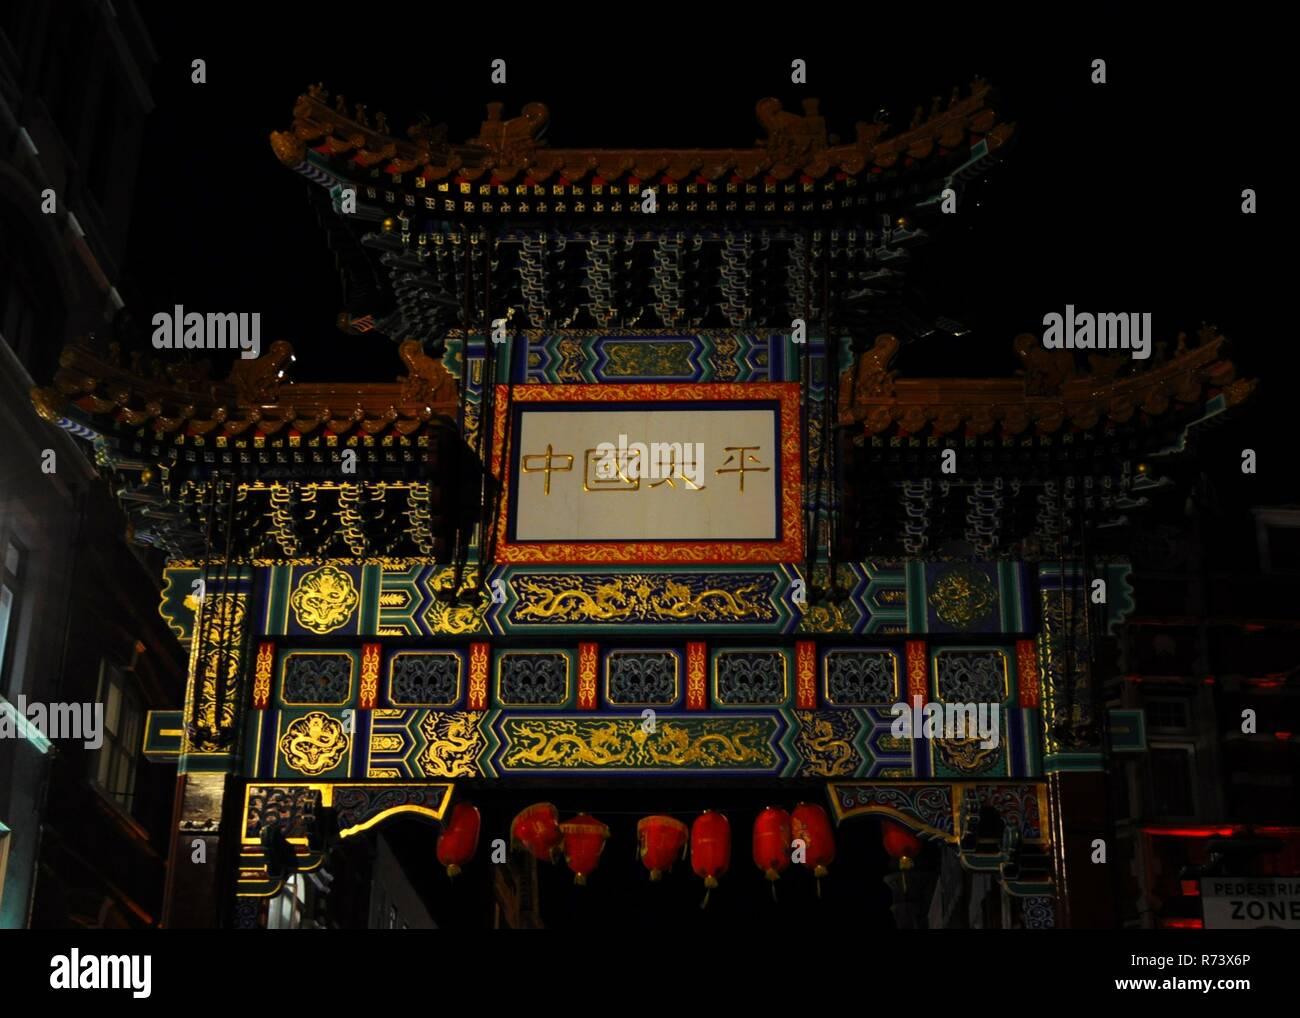 Chinatown Gate on Wardour Street, Soho, London, UK. - Stock Image